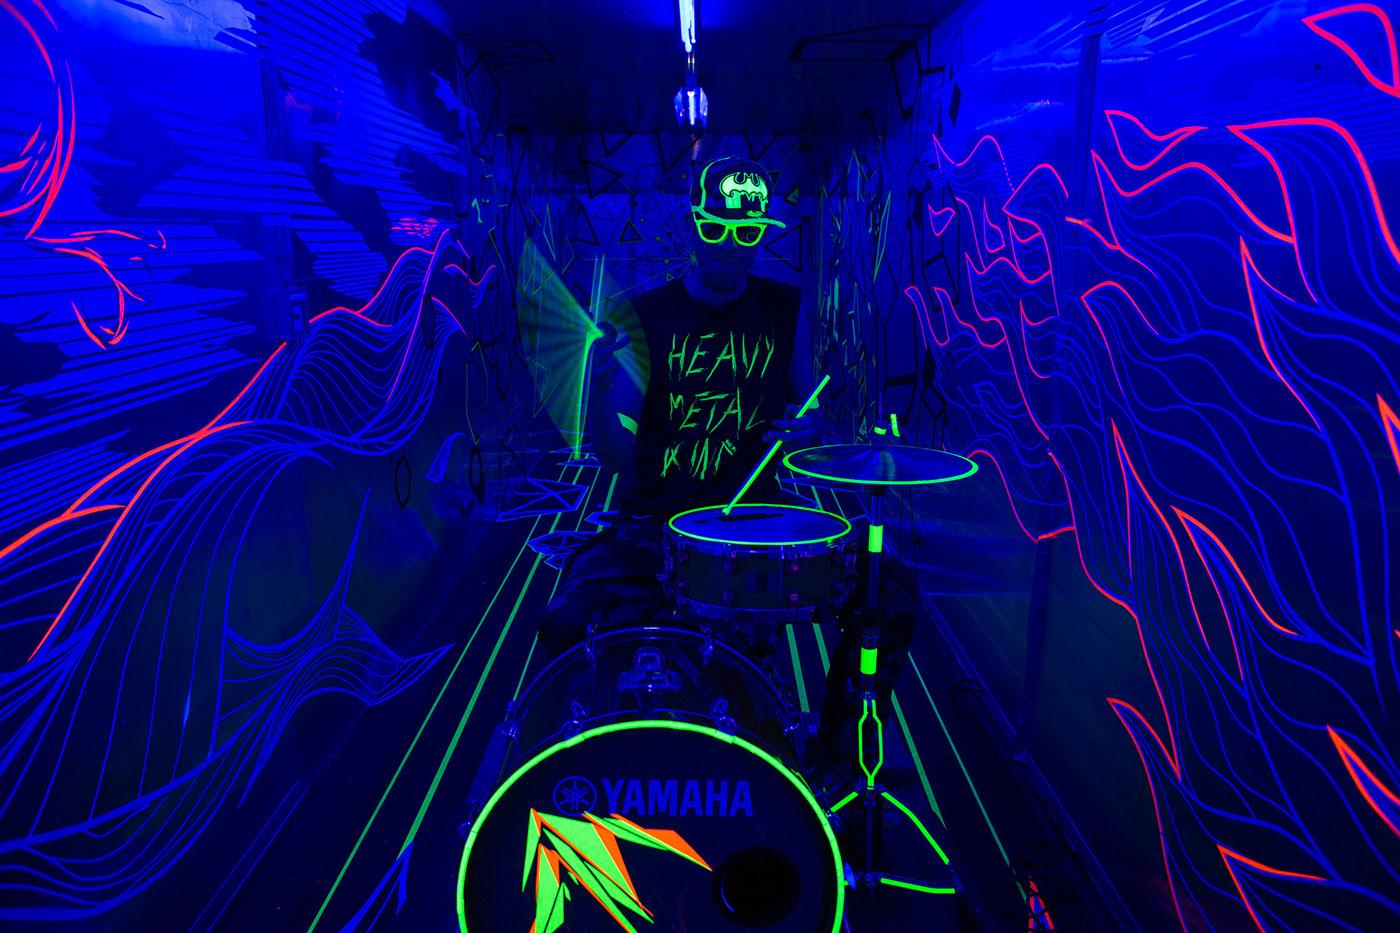 klebebande Tapeart art kunst klebekunst ohrbooten artwork Urbanart streetart